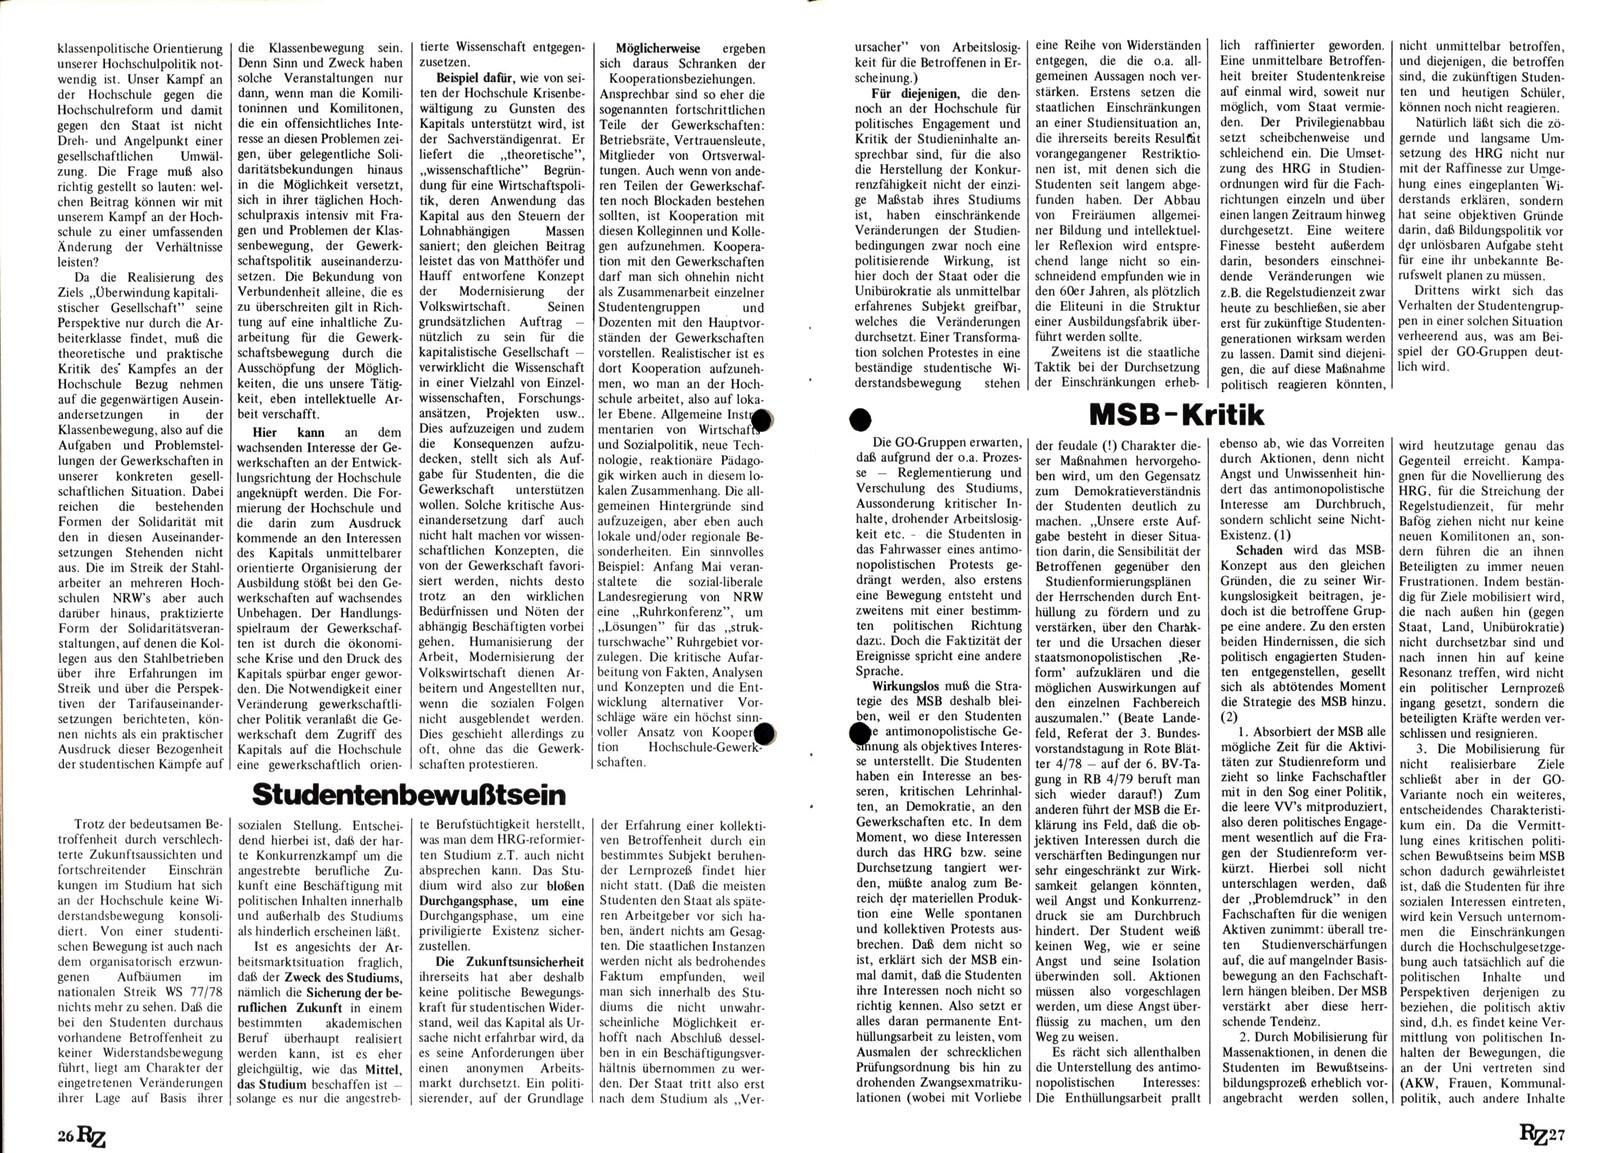 Bonn_RZ_21_19790800_14